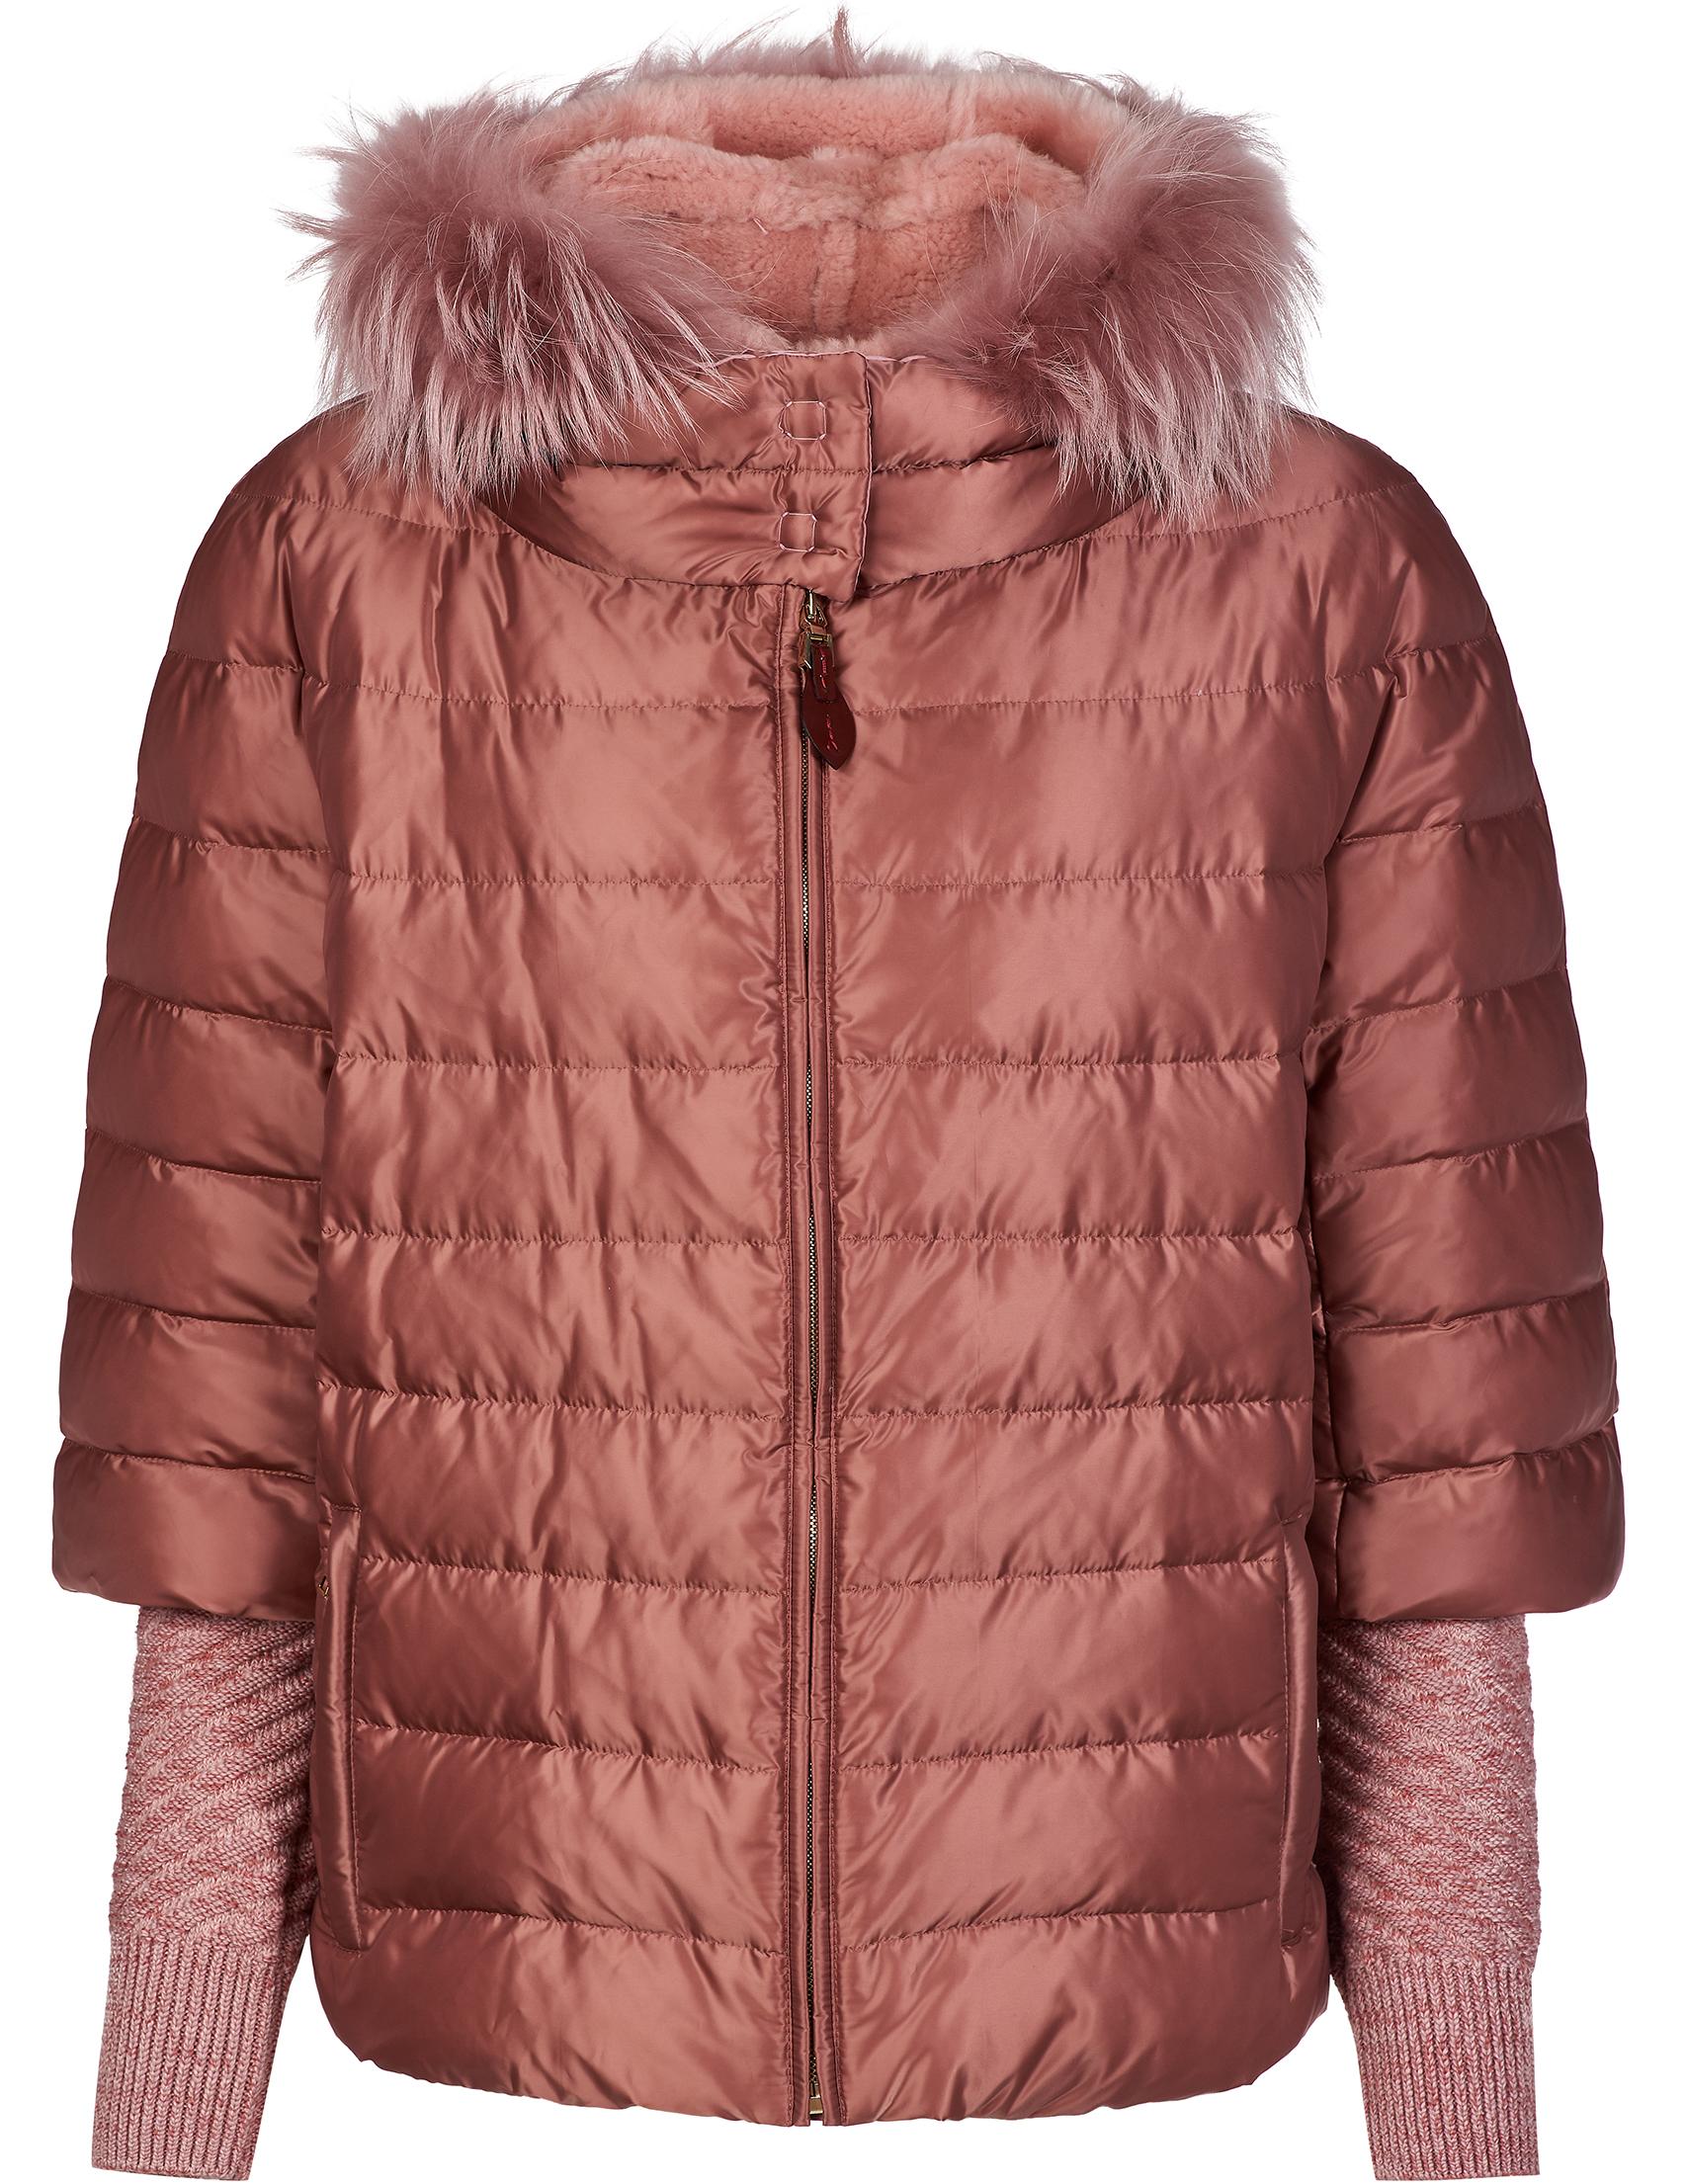 Купить Куртки, Куртка, GALLOTTI, Розовый, 100%Полиэстер;48%Акрил 48%Шерсть 3%Полиамид 1%Эластан, Осень-Зима